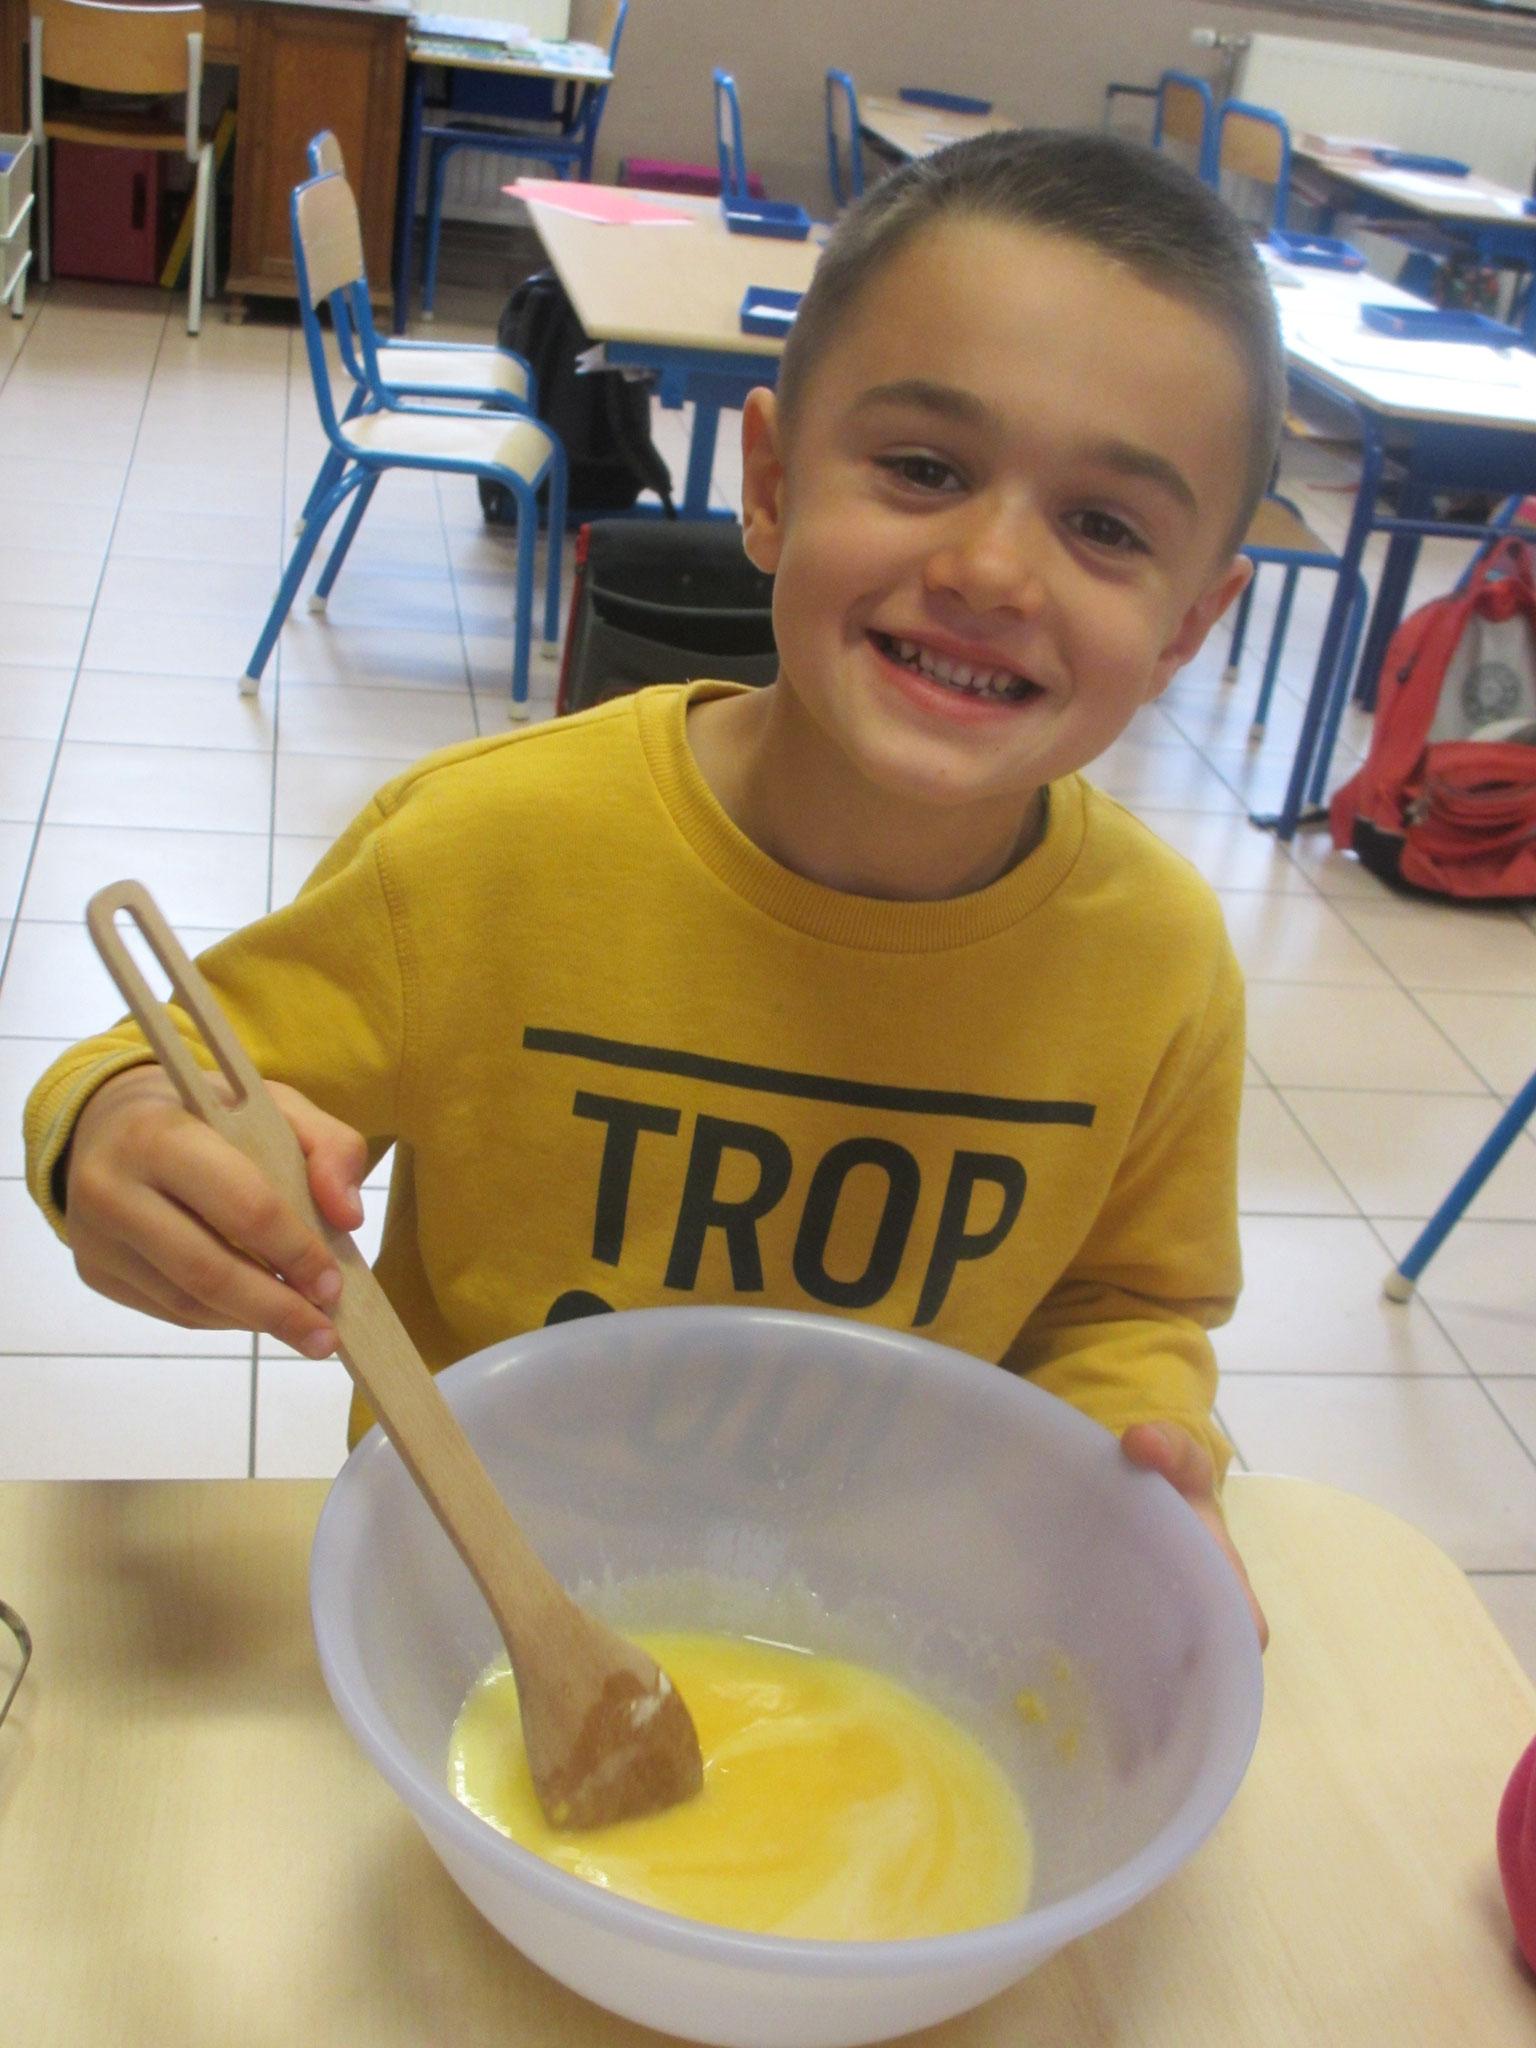 Timeo ajoute la graisse de chauve-souris refroidie dans le chaudron.